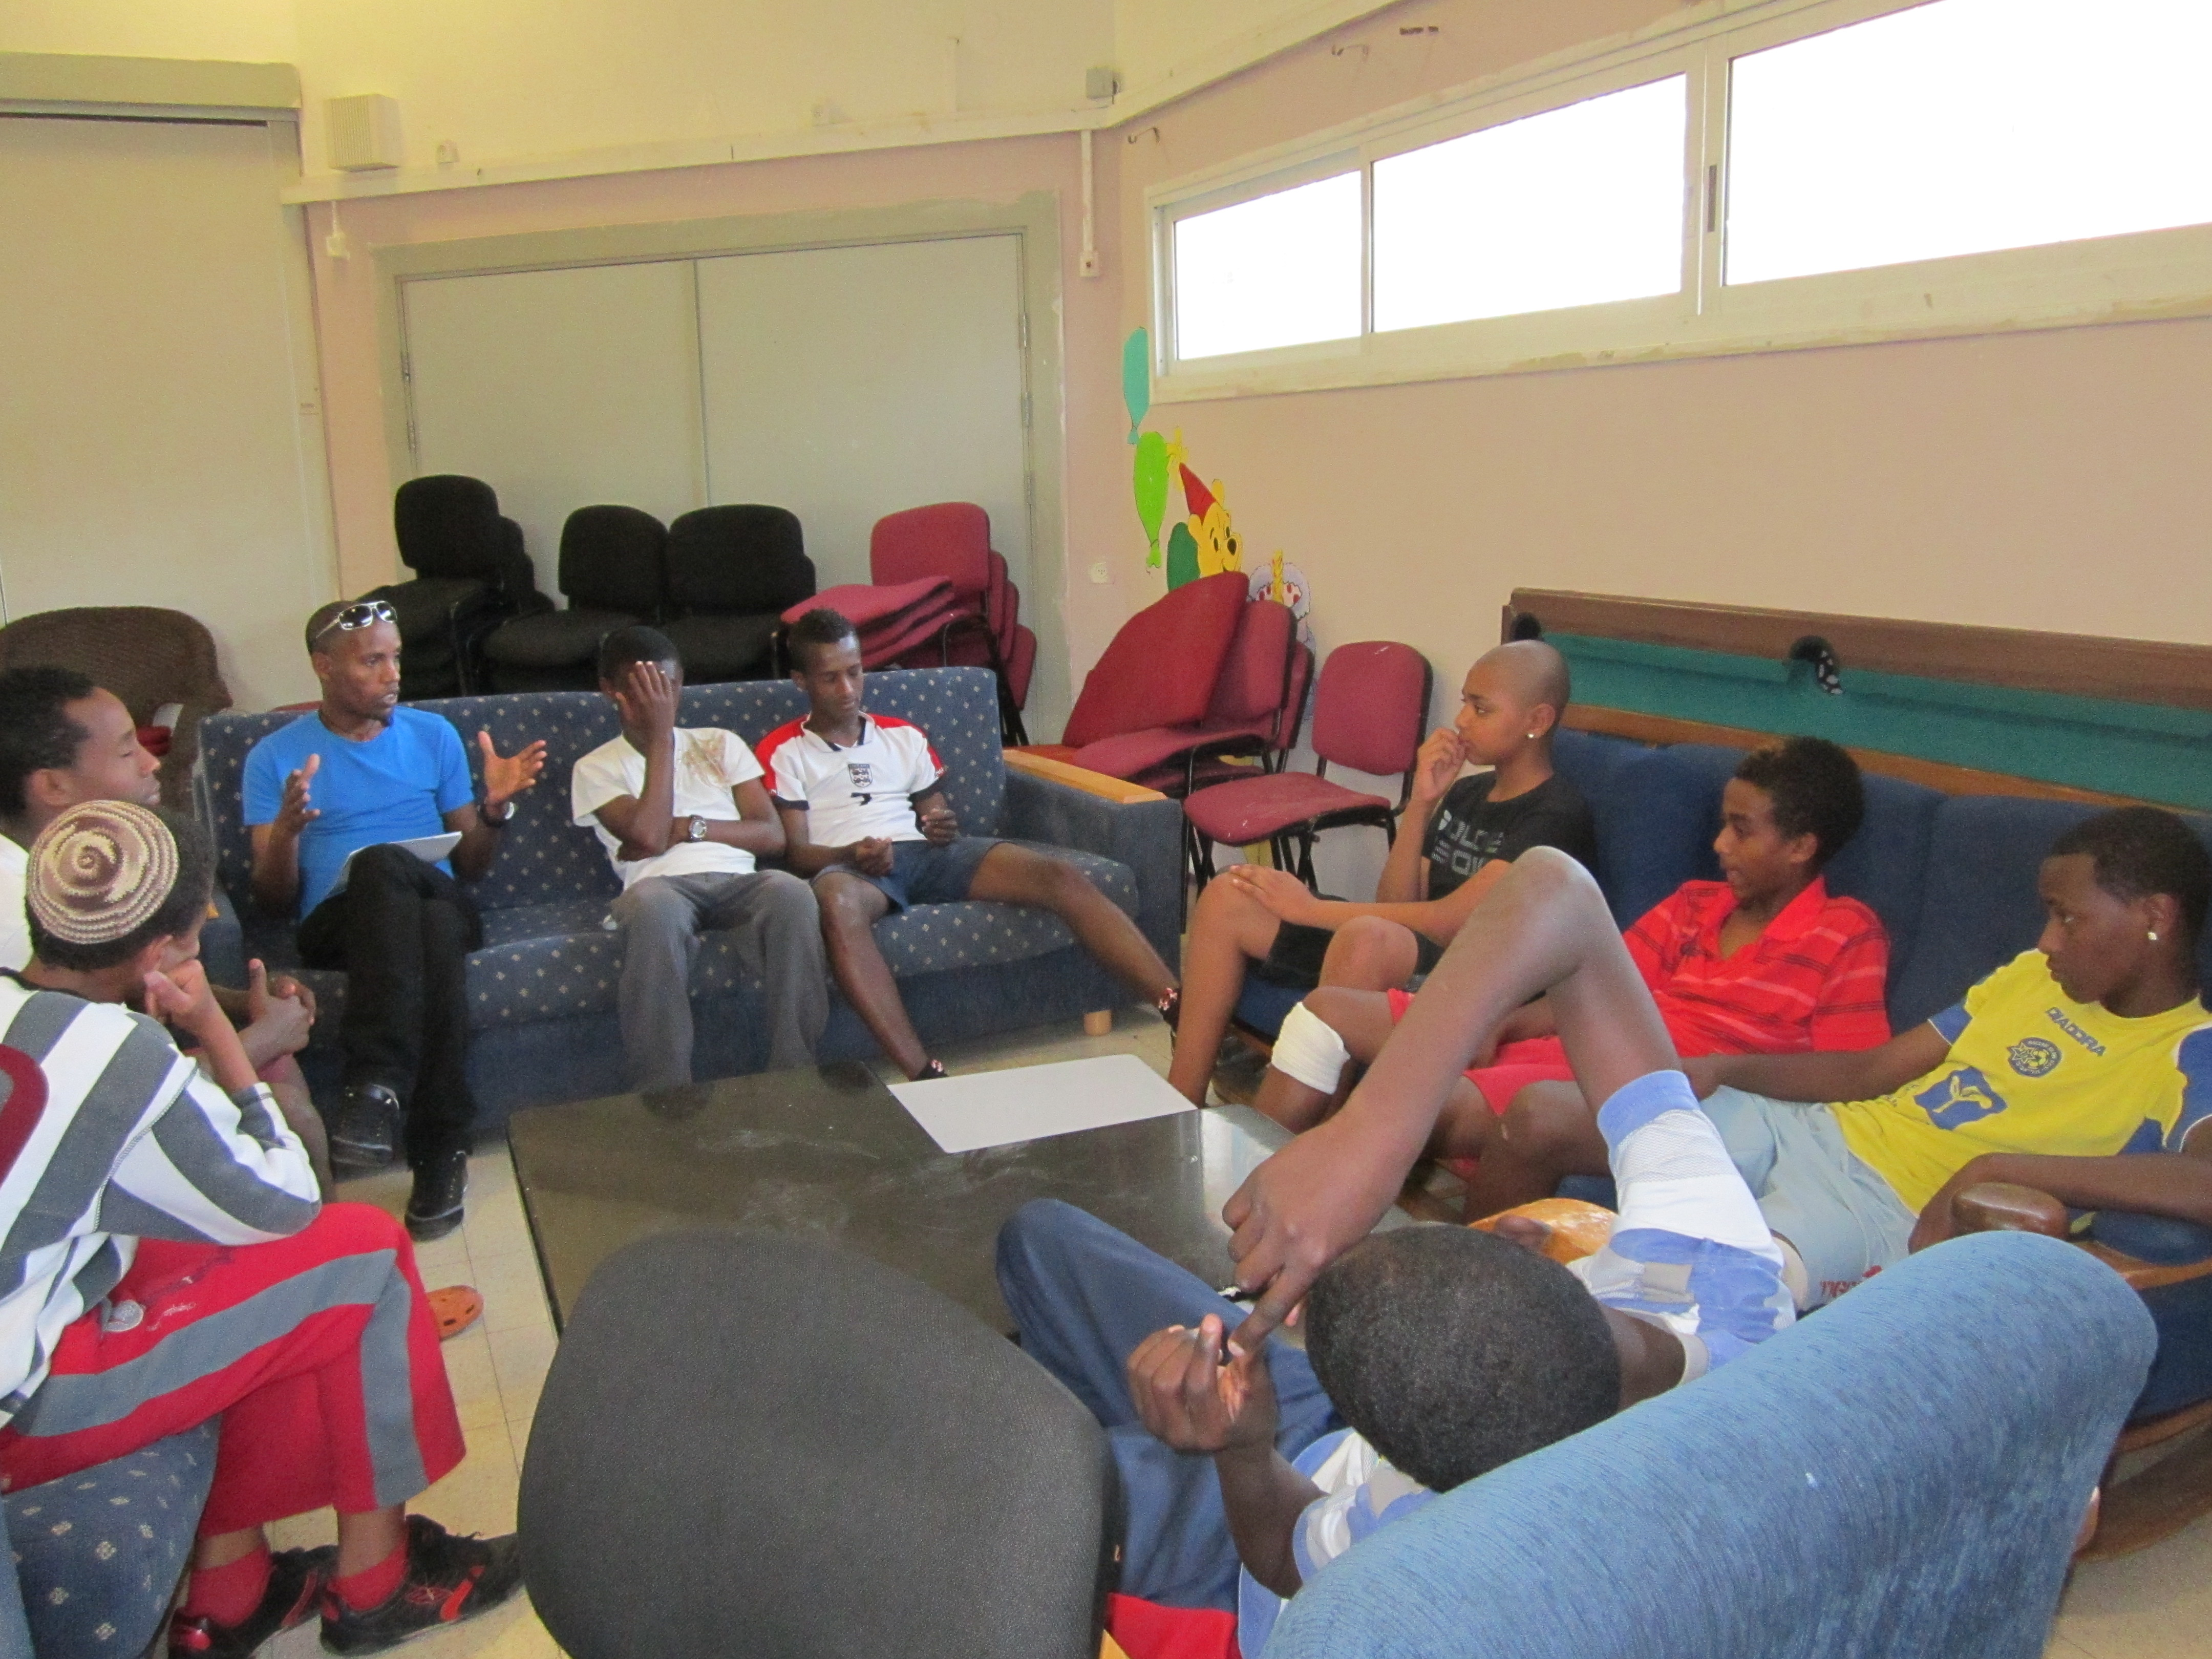 דיון בנושאים חברתיים עם החניכים במרכז הנוער